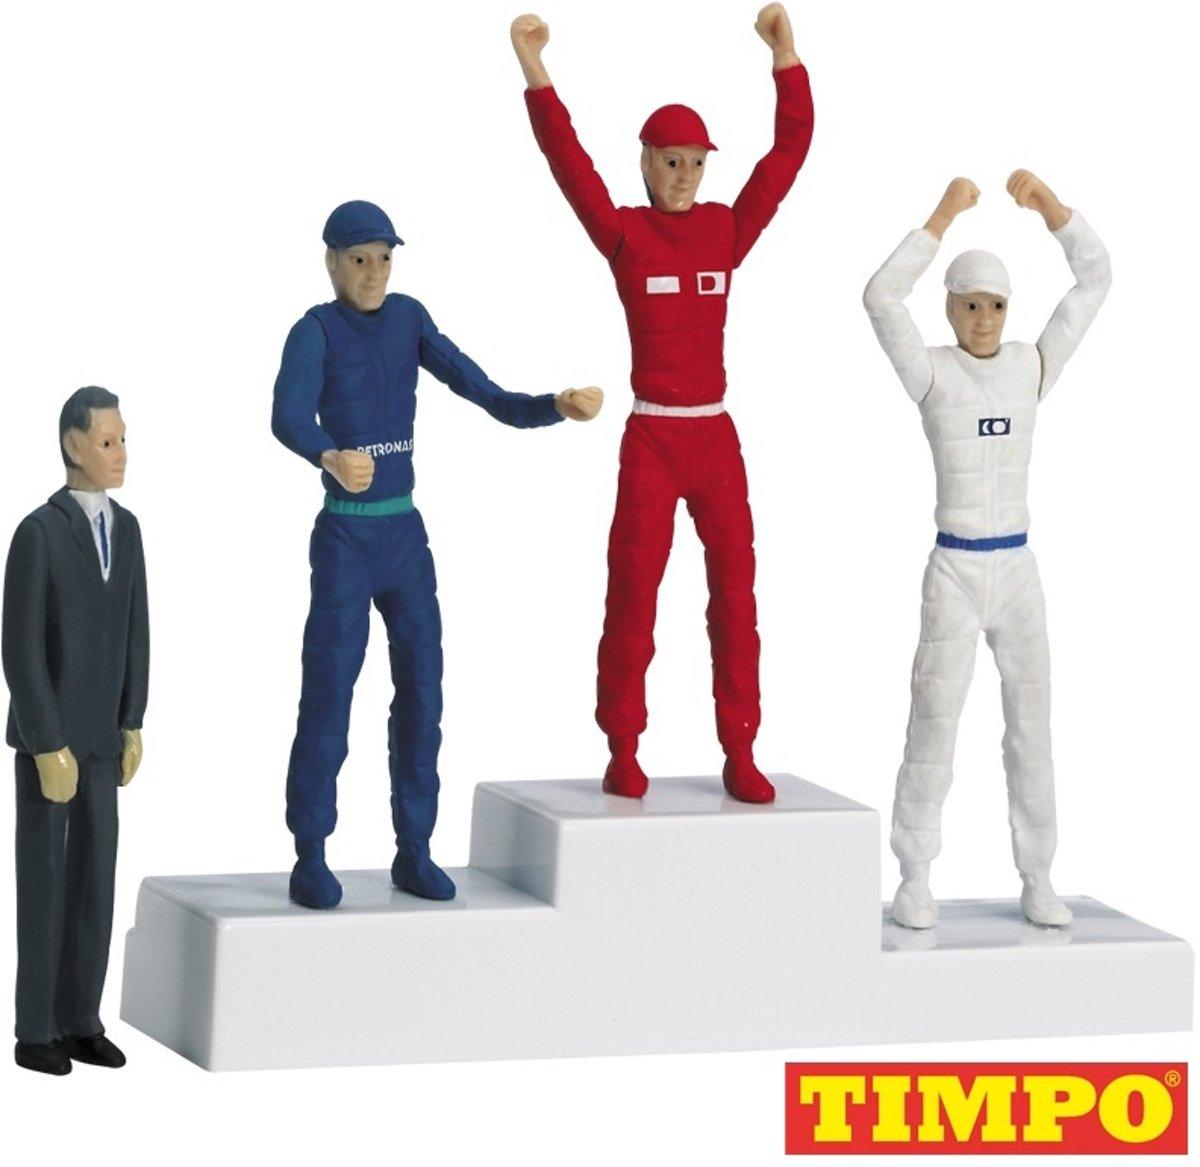 Carrera Winnerspodium met figurenset - racebanen - 1:32 - 1:24